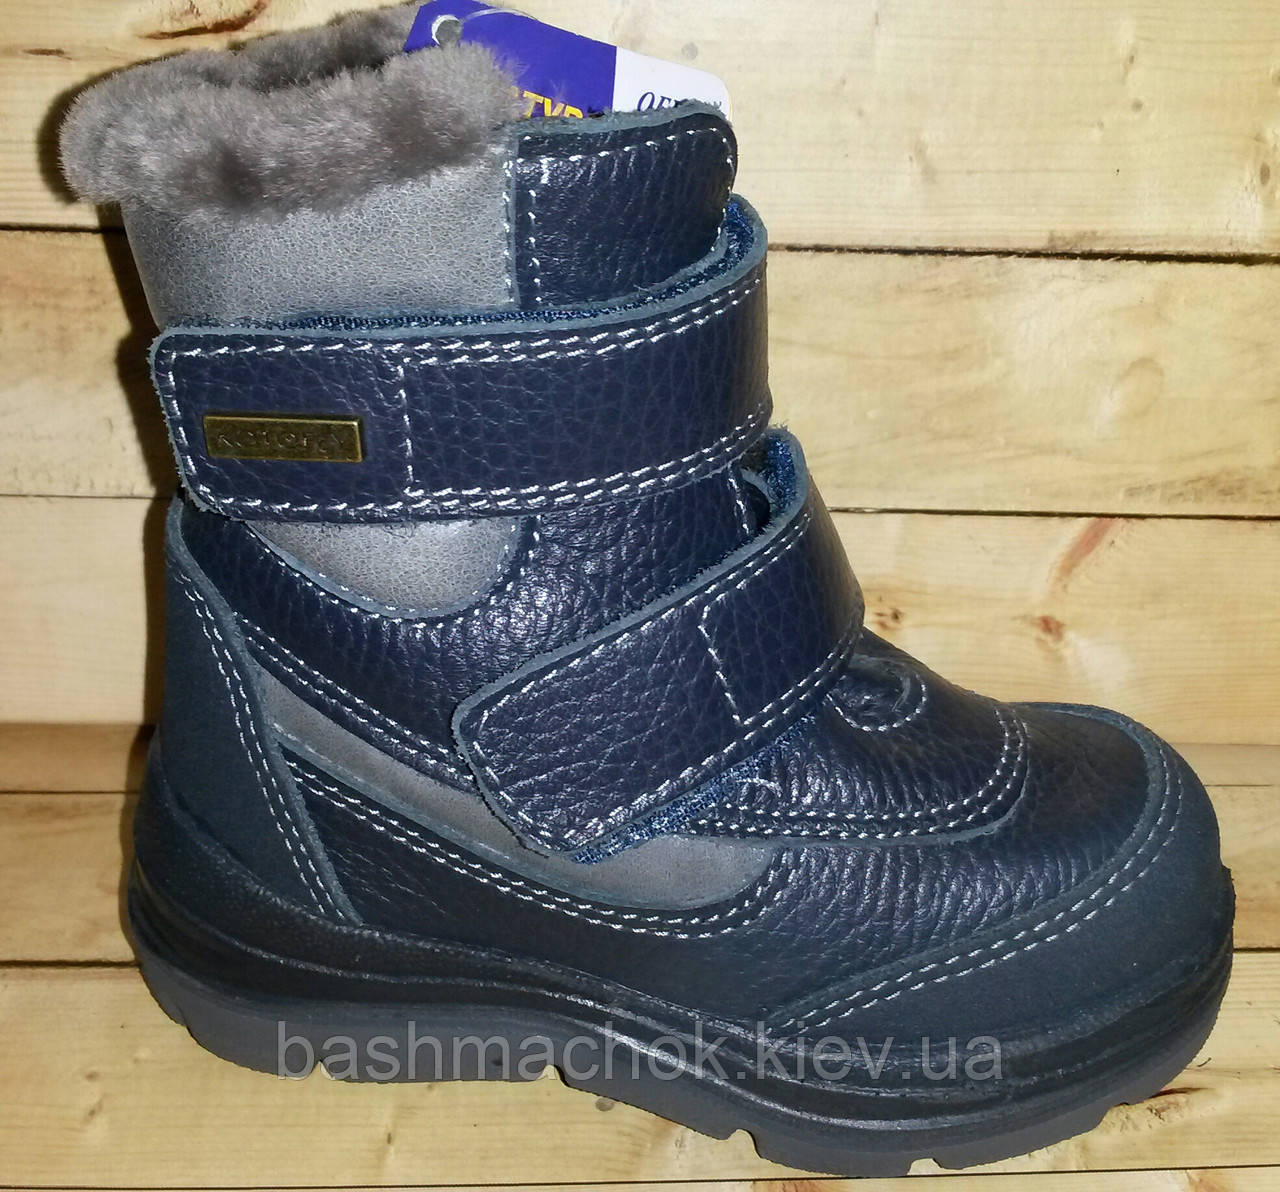 cda4ad9f5 Детские кожаные зимние ботинки Котофей размер 23 и 30: продажа, цена ...